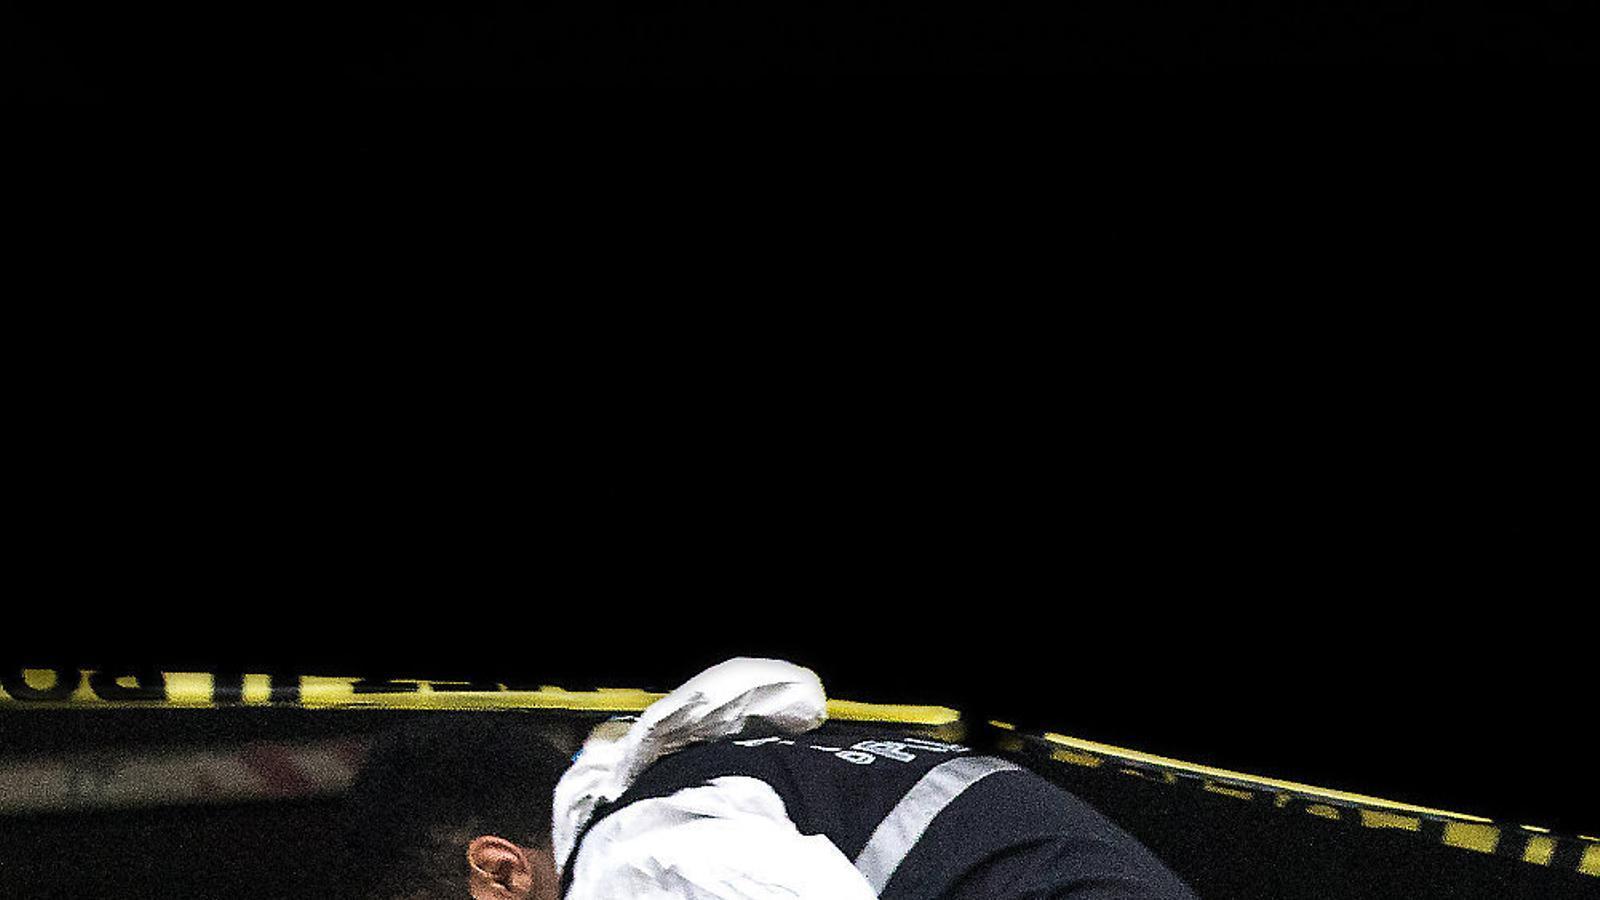 01. Un policia forense turc ahir al consolat saudita d'Istanbul, on continuen les investigacions sobre l'assassinat del periodista Jamal Khashoggi. 02. El príncep hereu saudita, Mohamed bin Salman, encaixant amb un dels fills del periodista mort en una recepció ahir a Riad. El príncep va expressar-li el seu condol.